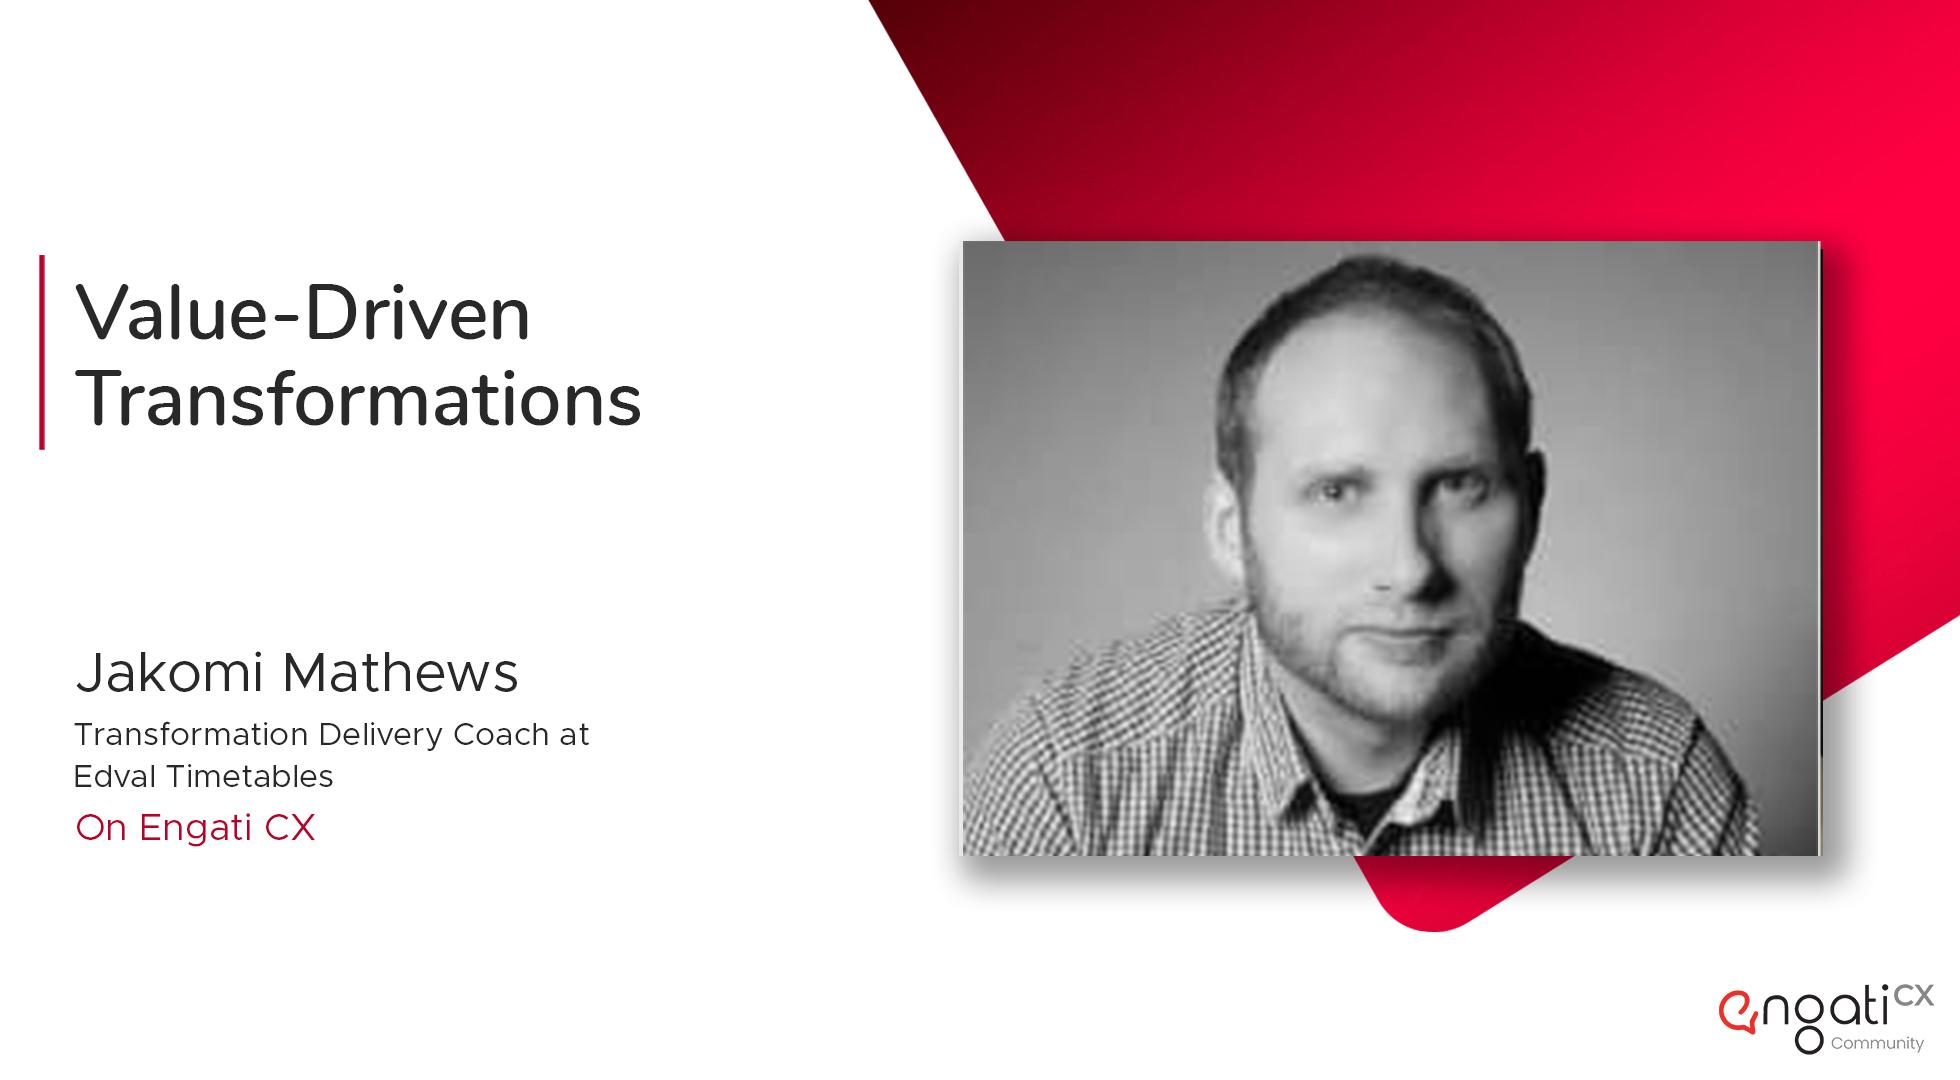 Value-driven transformations | Jakomi Matthews | Engati CX